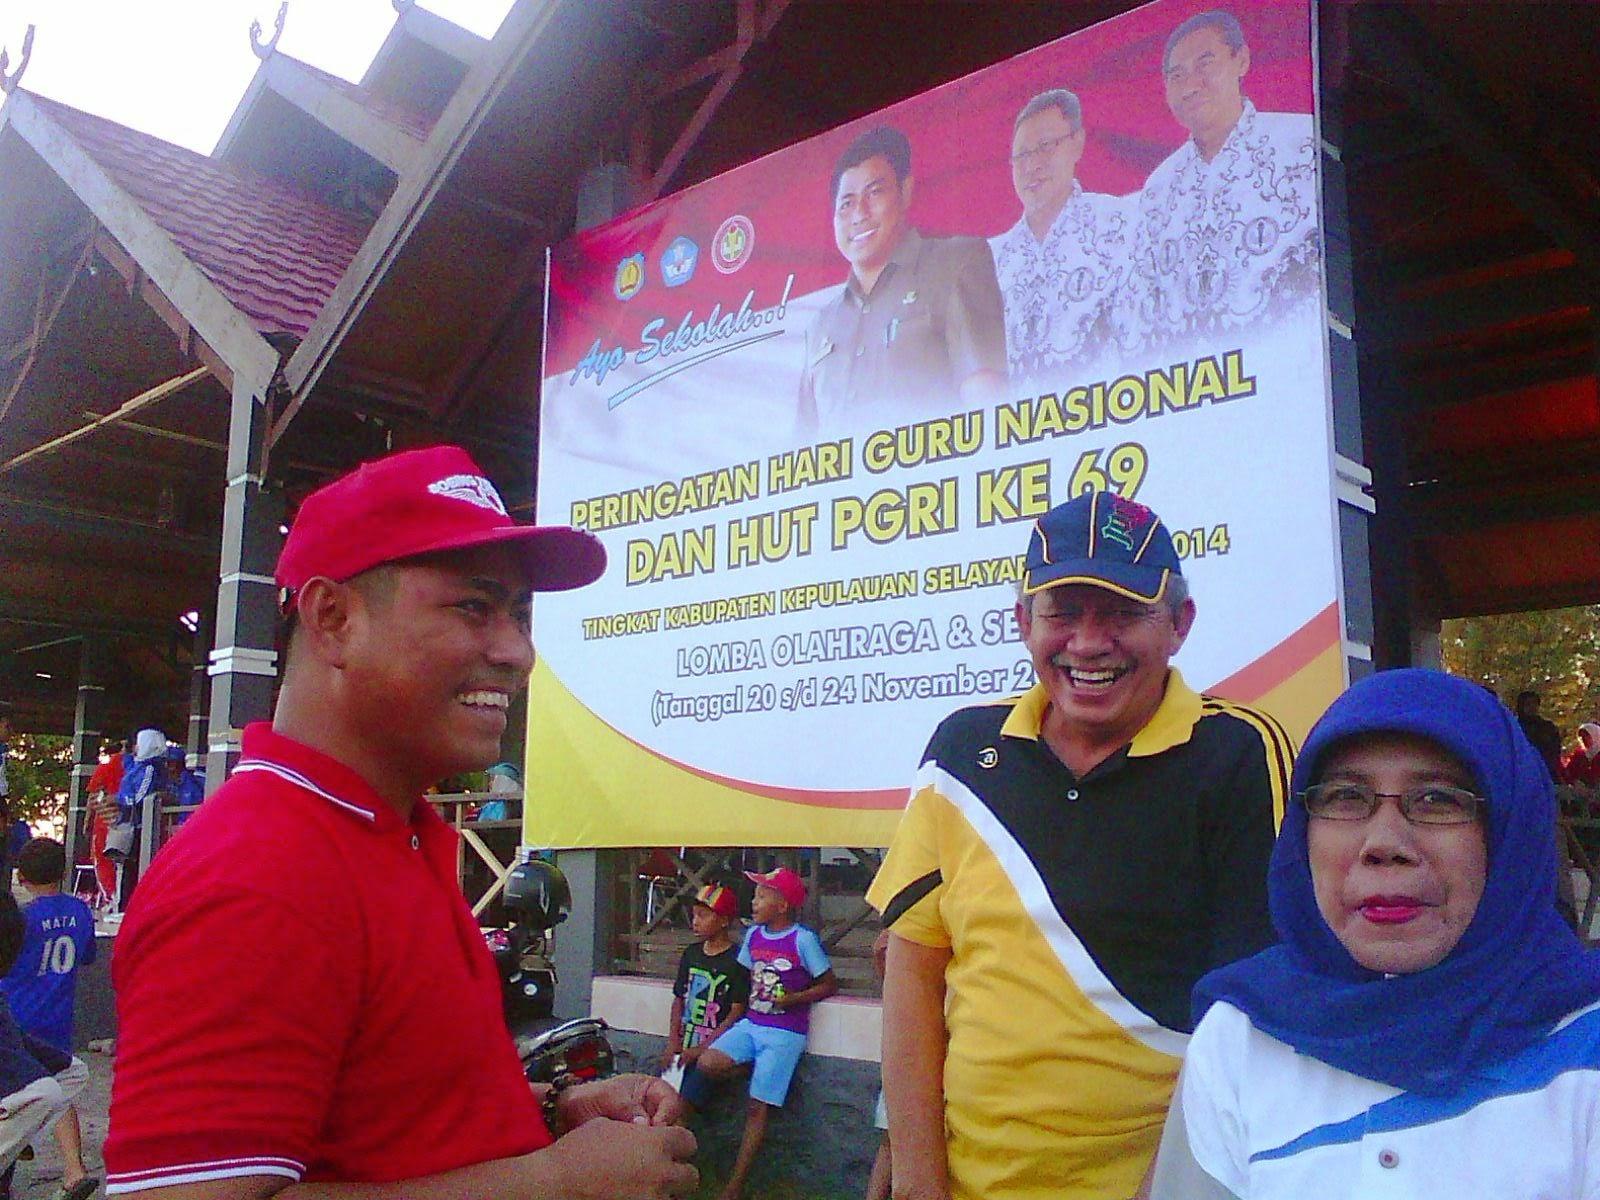 Pertandingan Olah Raga Dan Seni Semarakkan Hari Guru 2014 Dan HUT PGRI 69 Di Kab. Kep.Selayar,